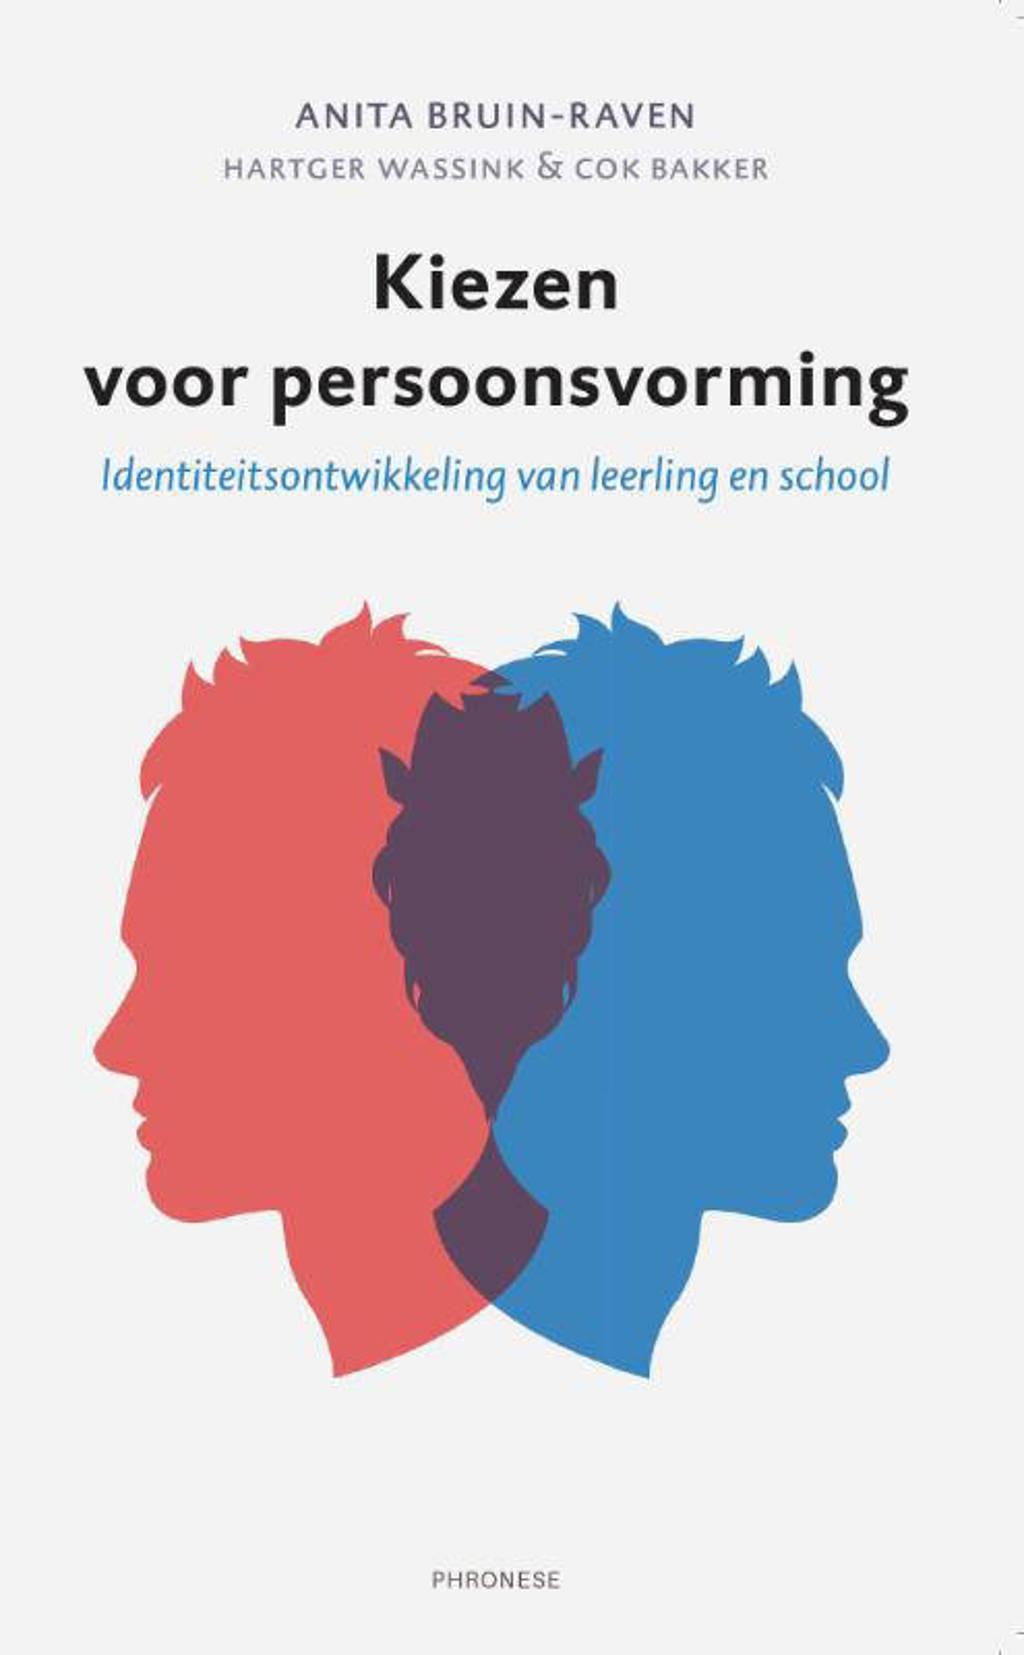 Kiezen voor persoonsvorming - Anita Bruin-Raven, Hartger Wassink en Cok Bakker